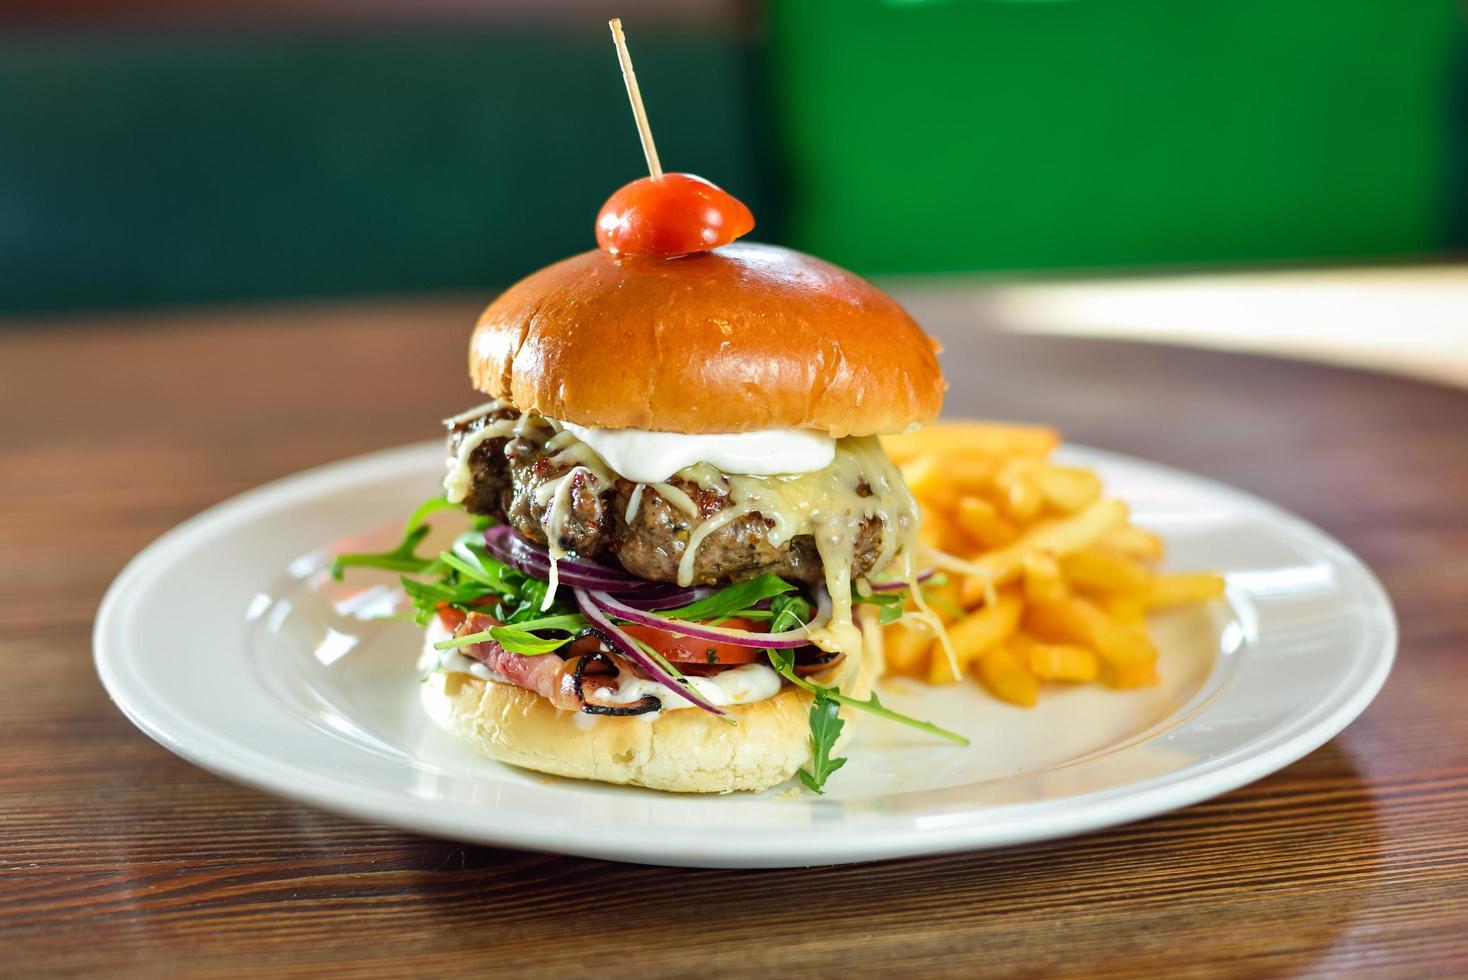 slider de hambúrguer em um prato foto